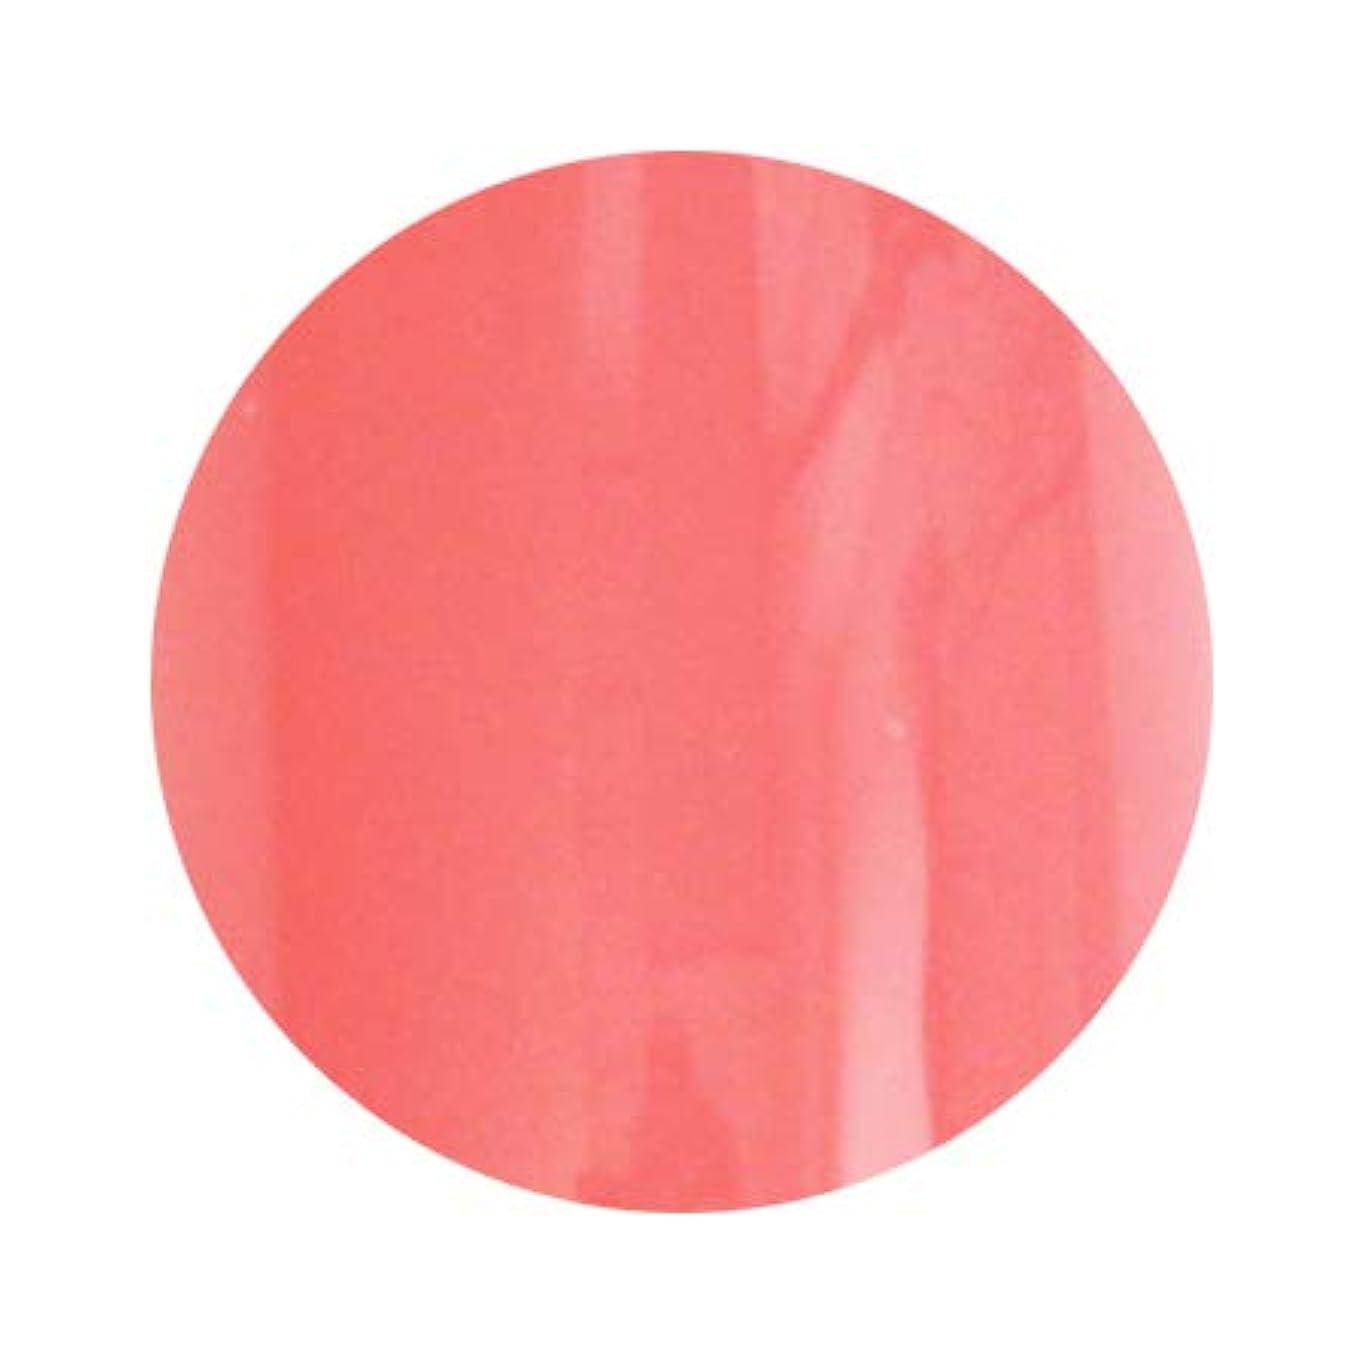 掻くオーブン役に立つLUCU GEL ルクジェル カラー ORM05 コーラル 3.5g